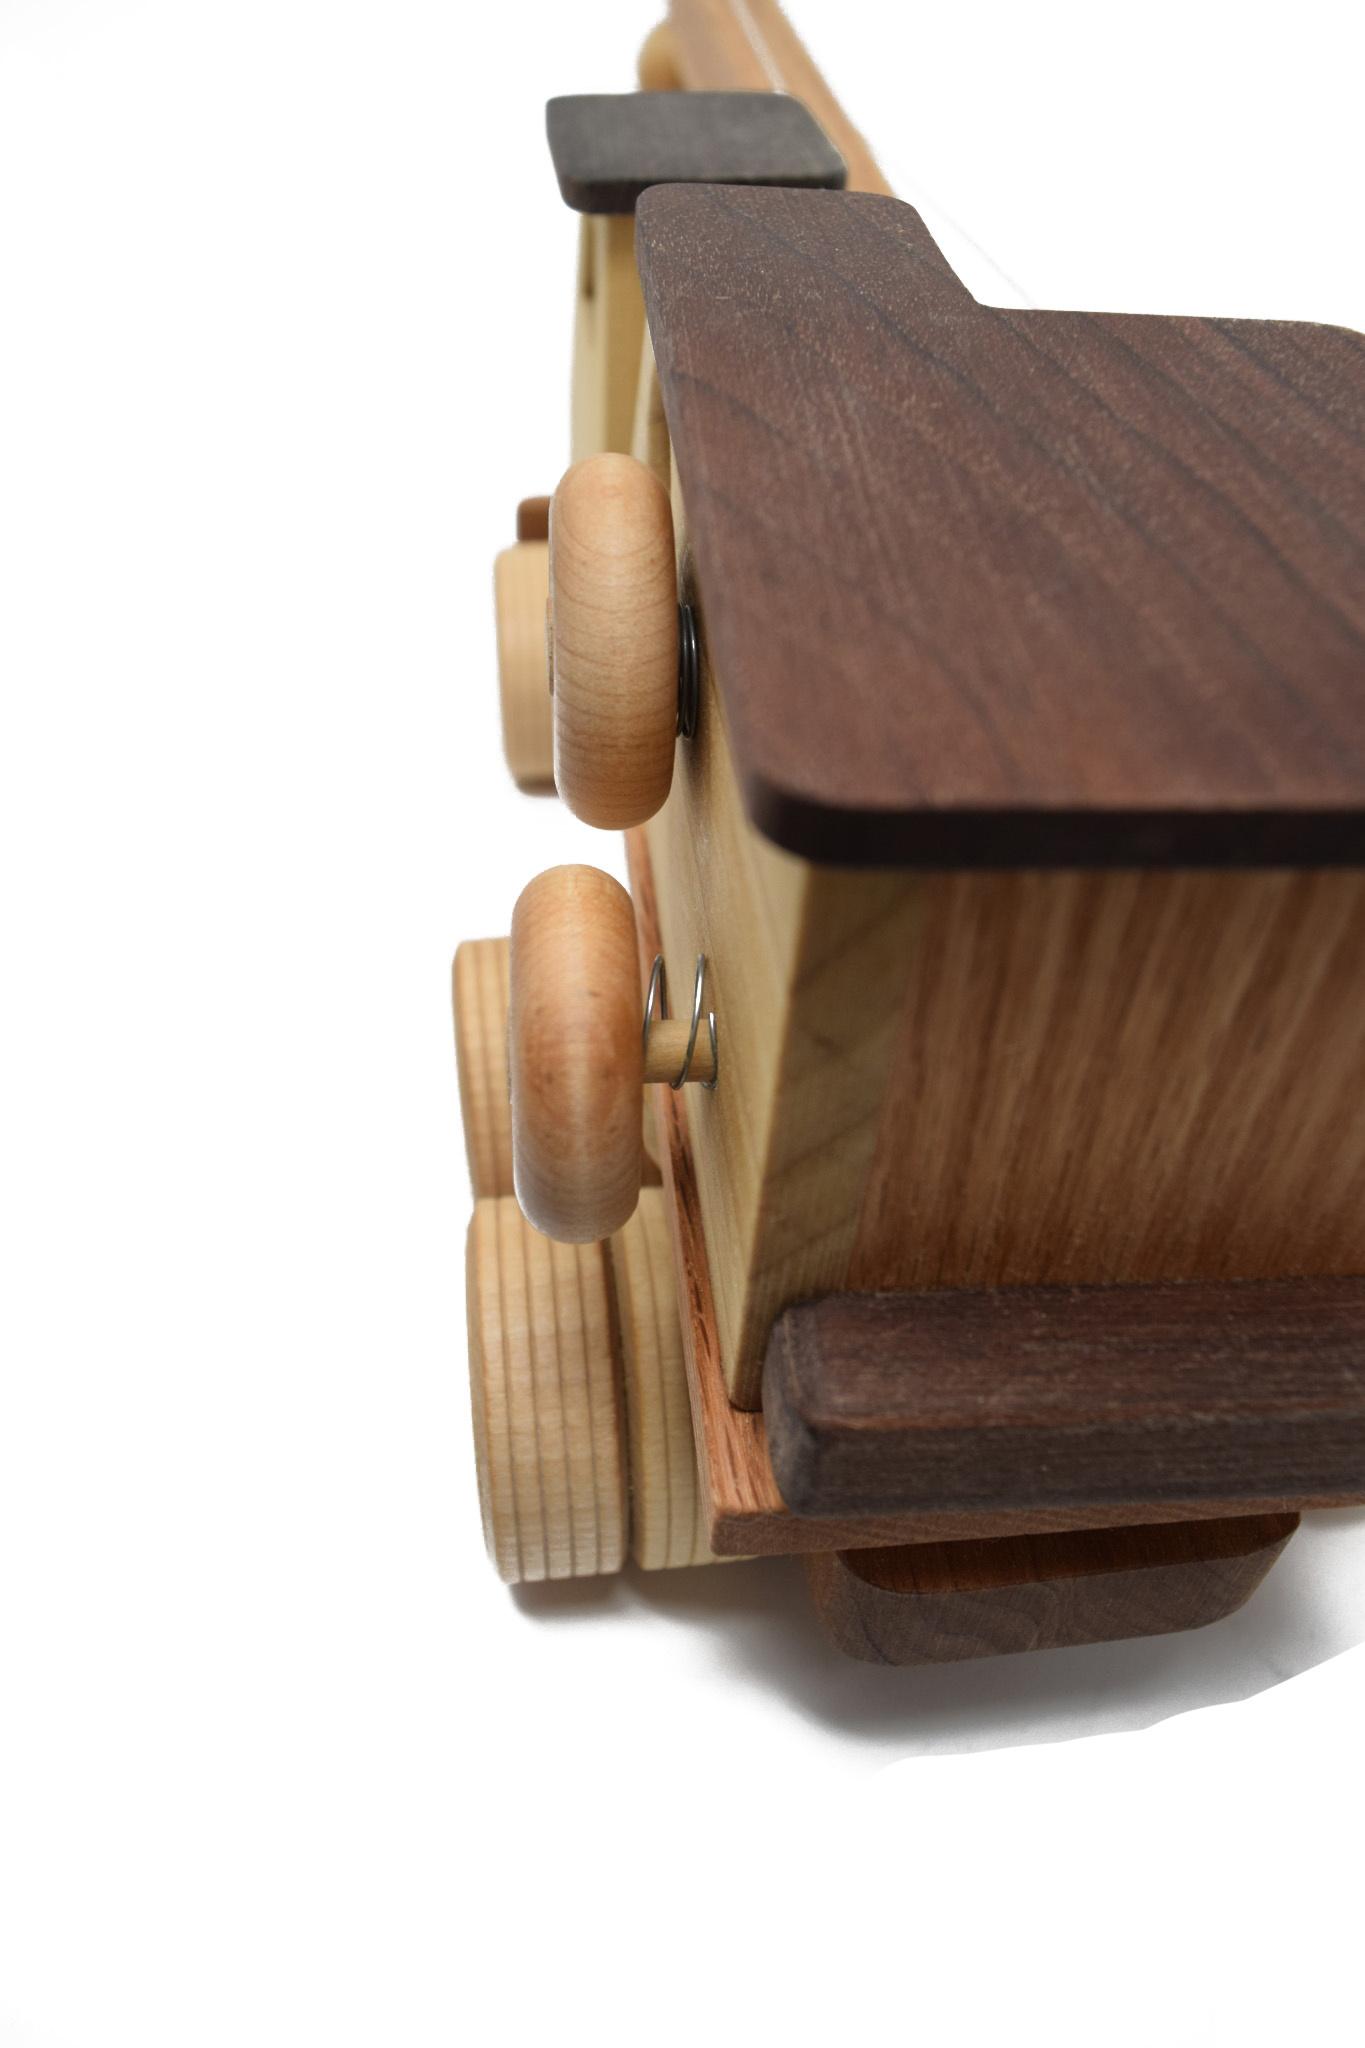 Wooden Toy Crane-4